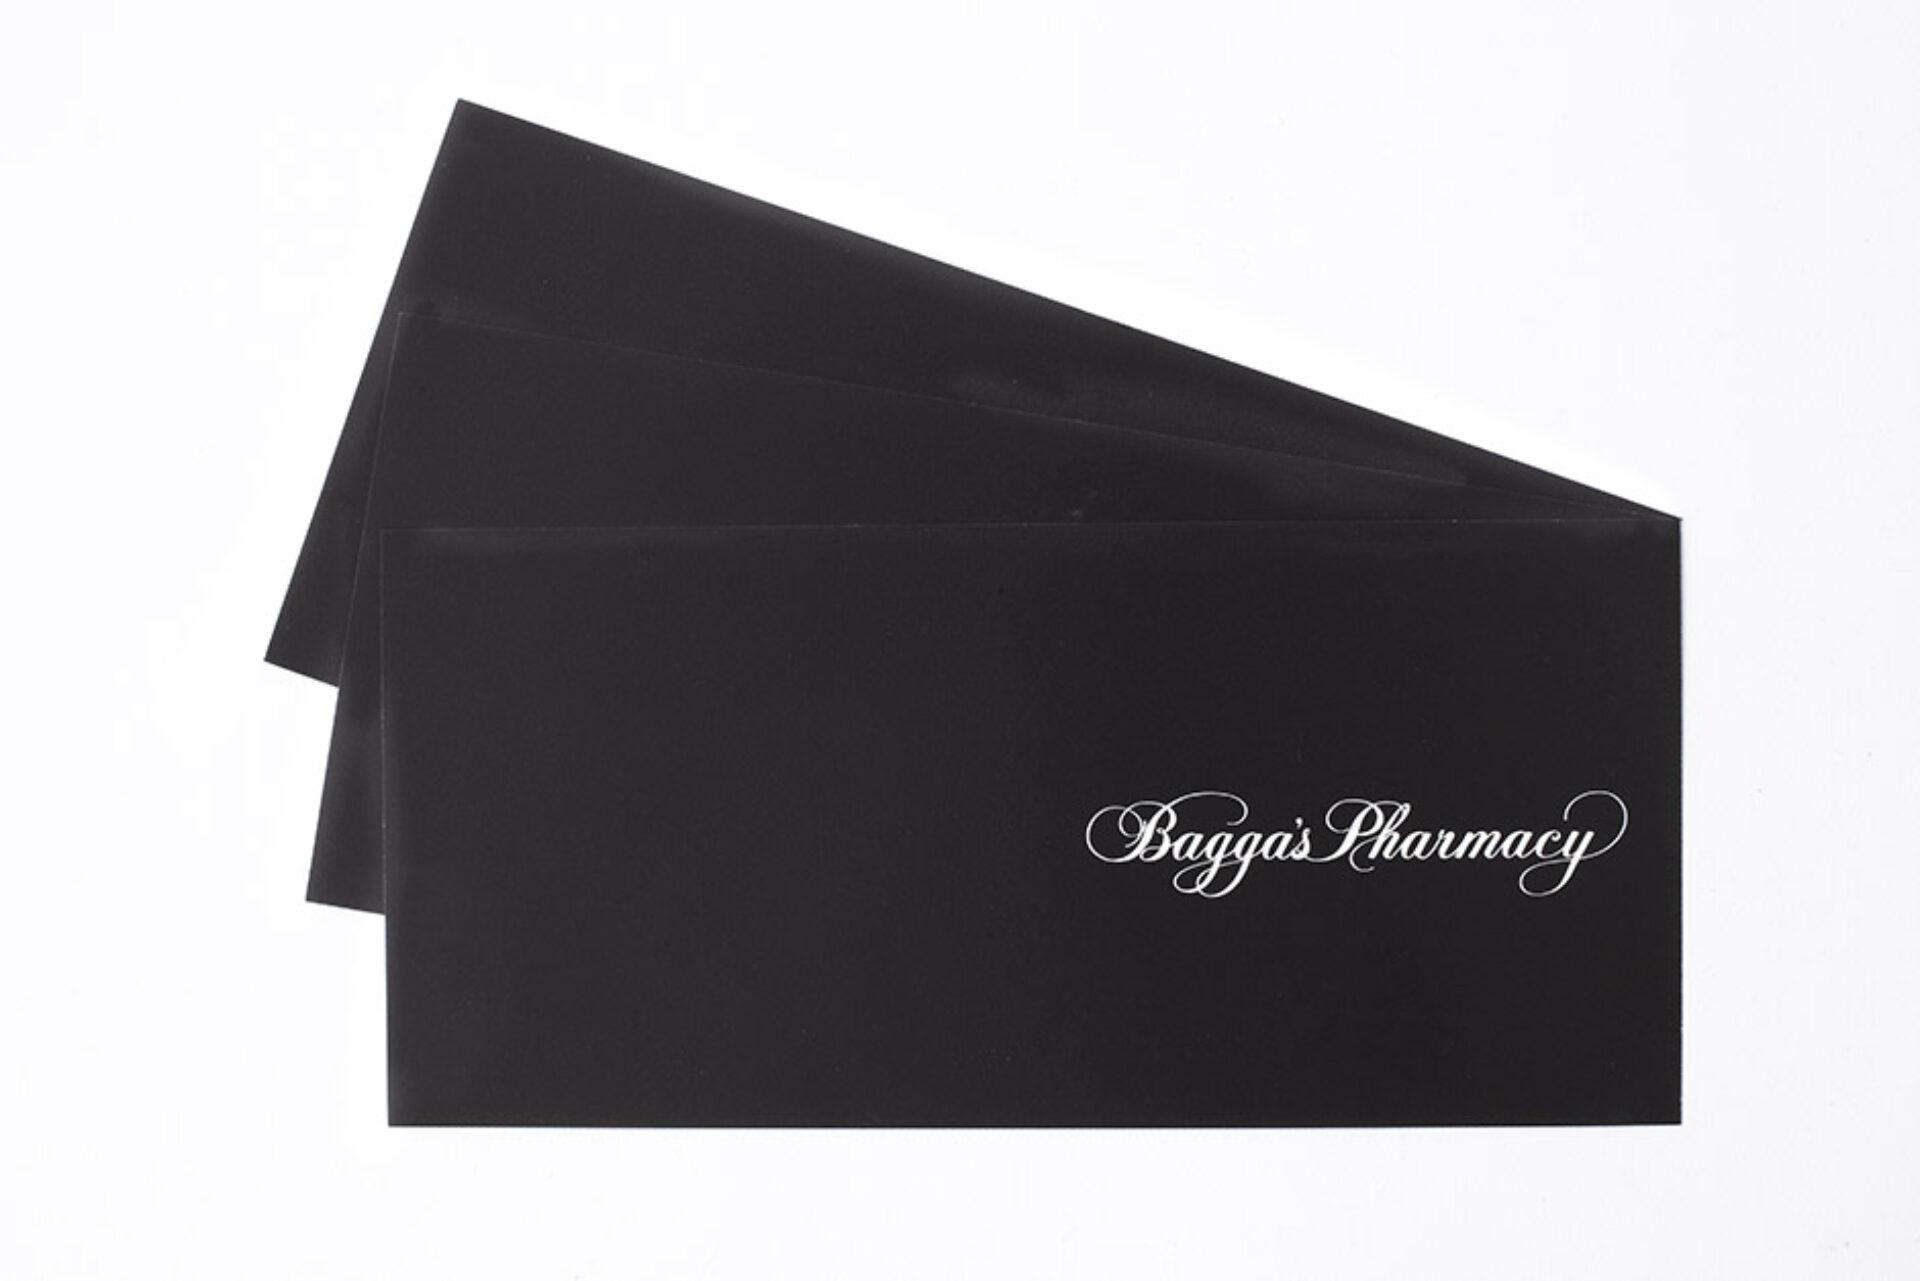 Baggas pharmacy 07